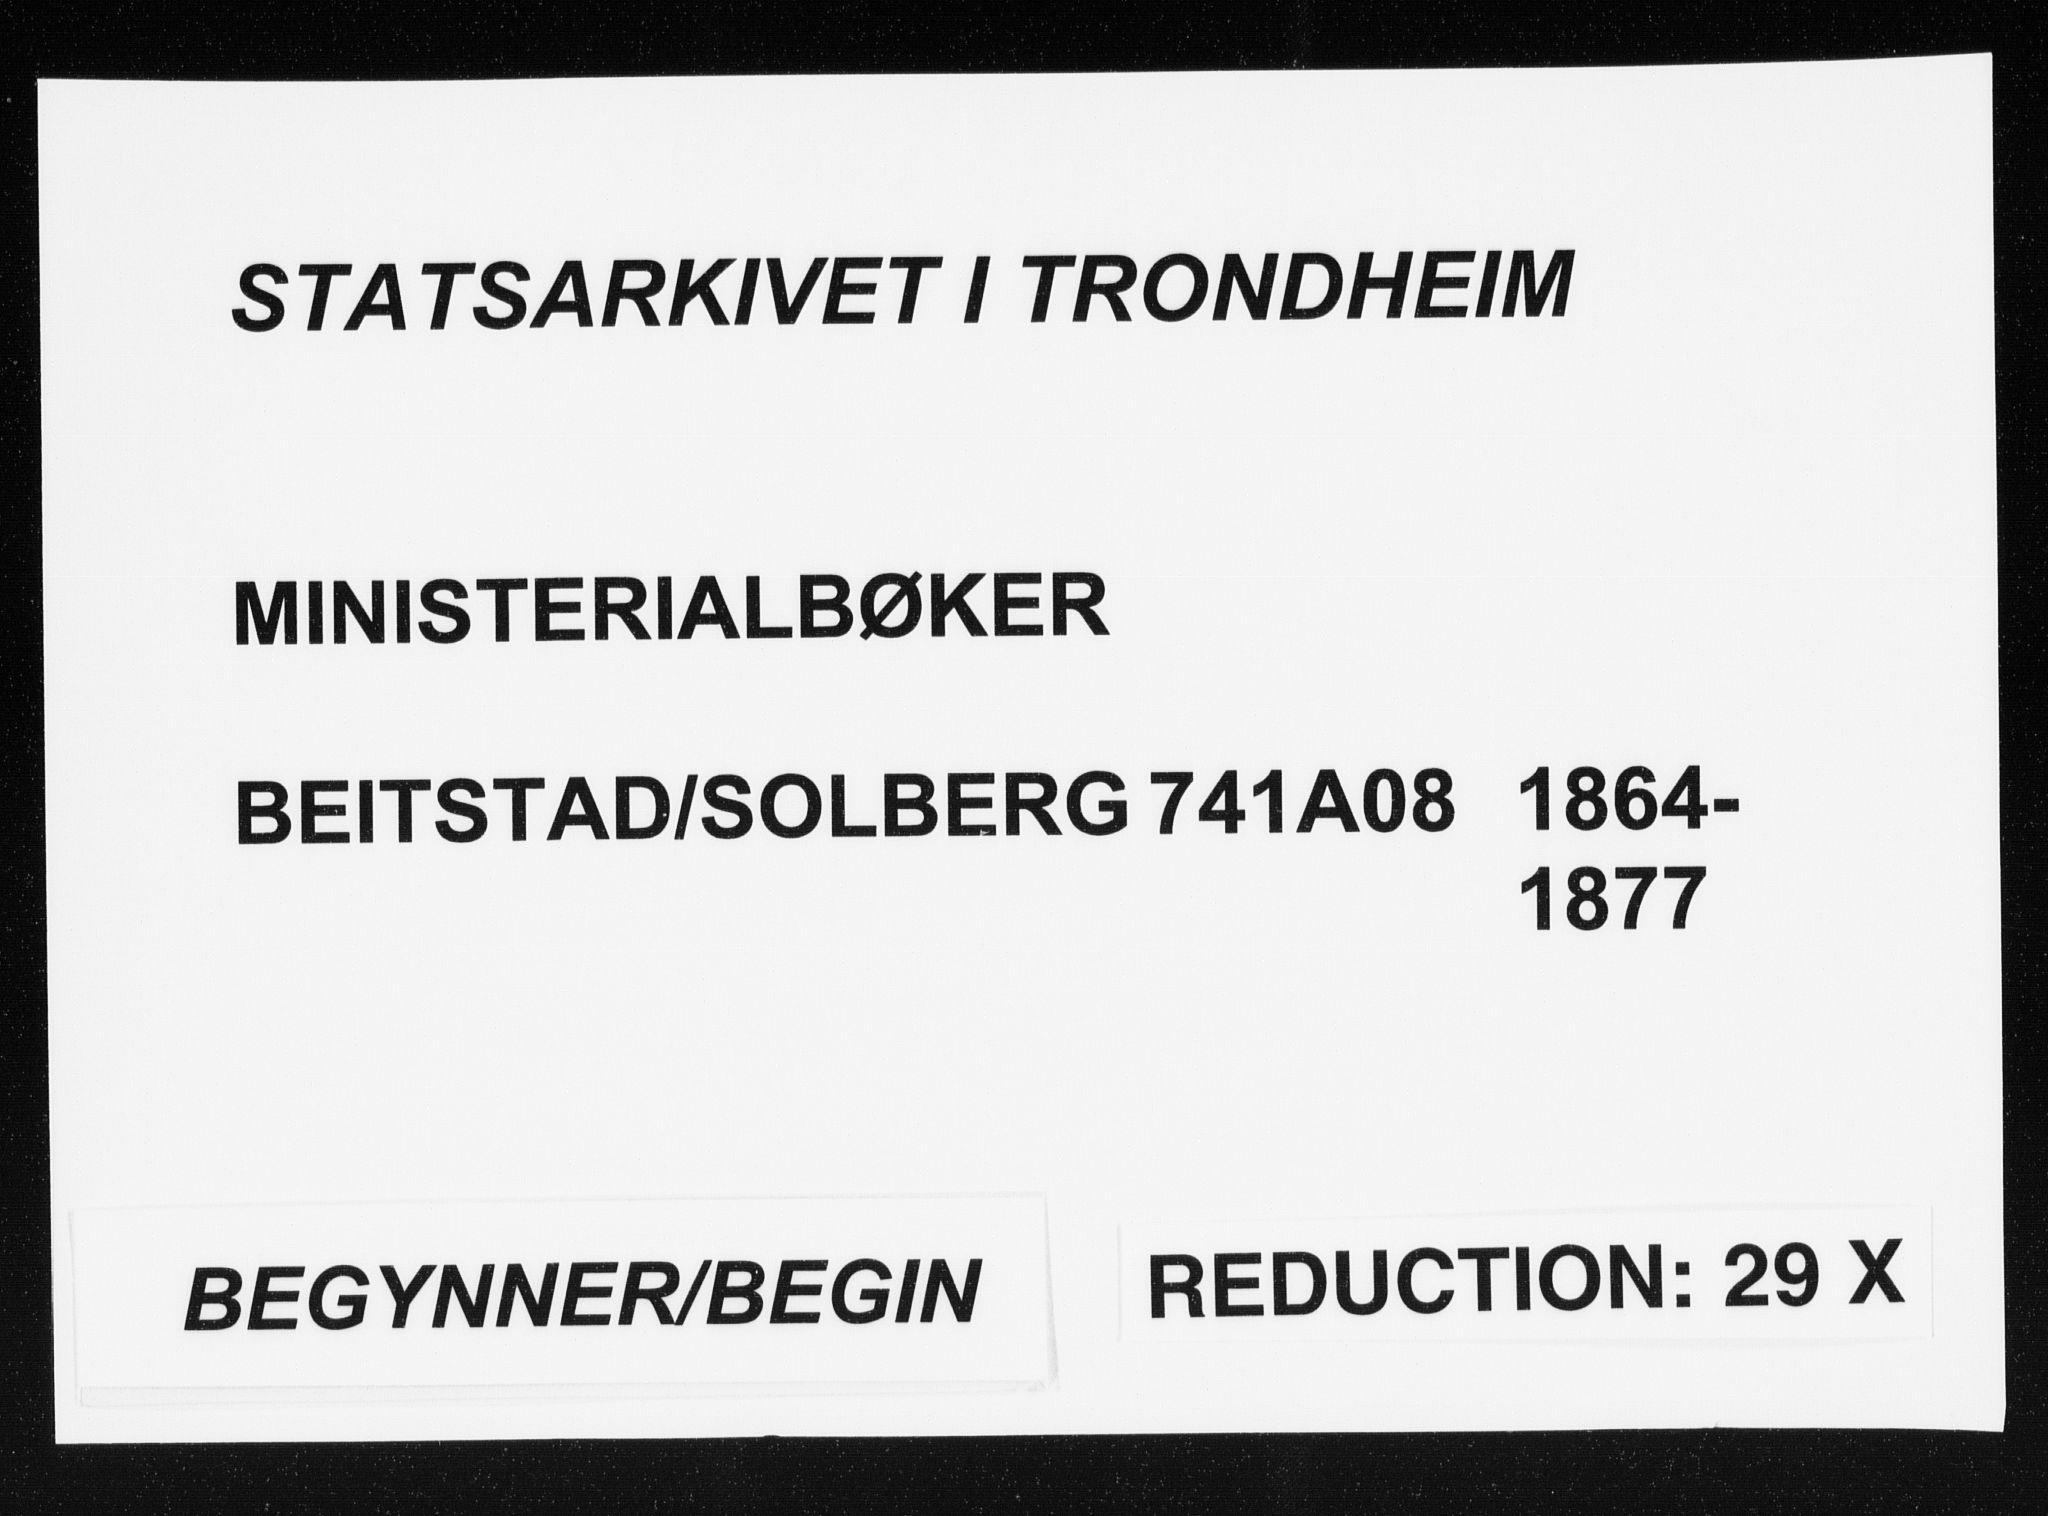 SAT, Ministerialprotokoller, klokkerbøker og fødselsregistre - Nord-Trøndelag, 741/L0394: Ministerialbok nr. 741A08, 1864-1877